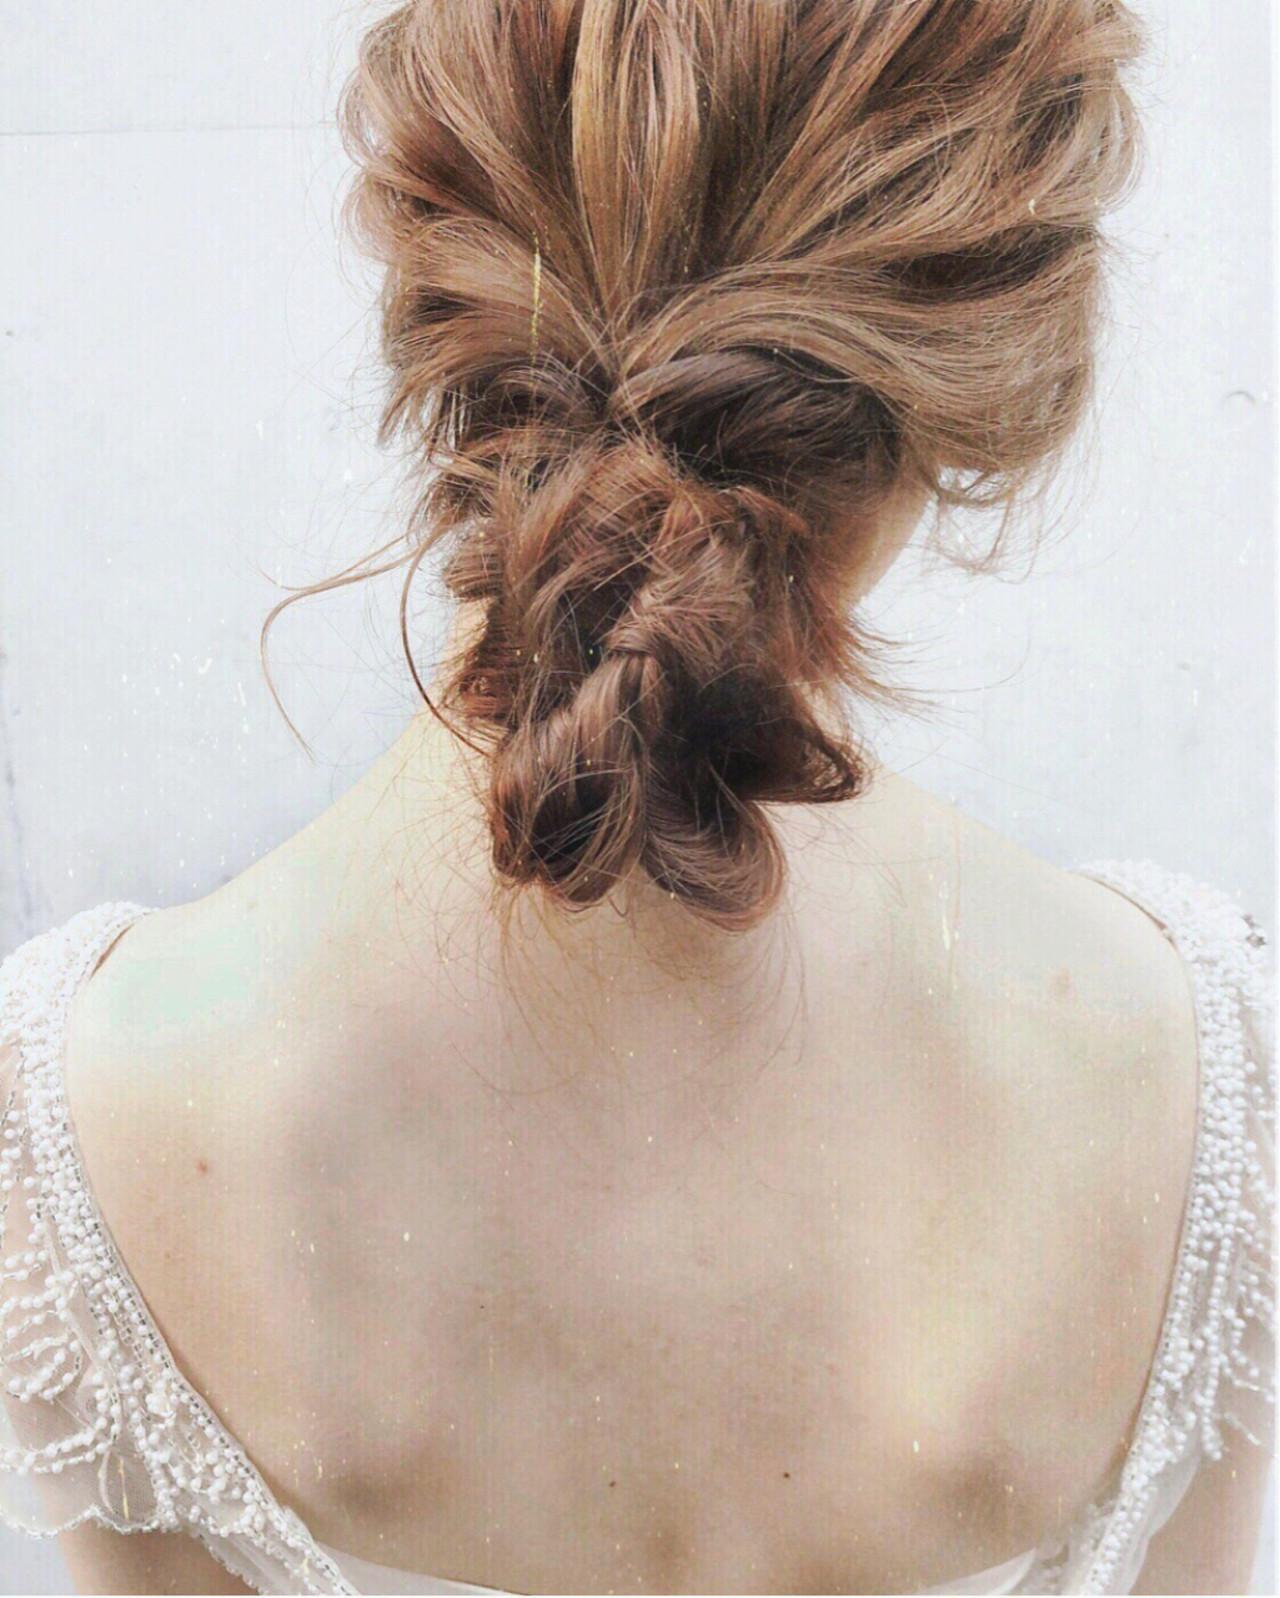 ヘアアレンジ パーティ 大人女子 アンニュイ ヘアスタイルや髪型の写真・画像